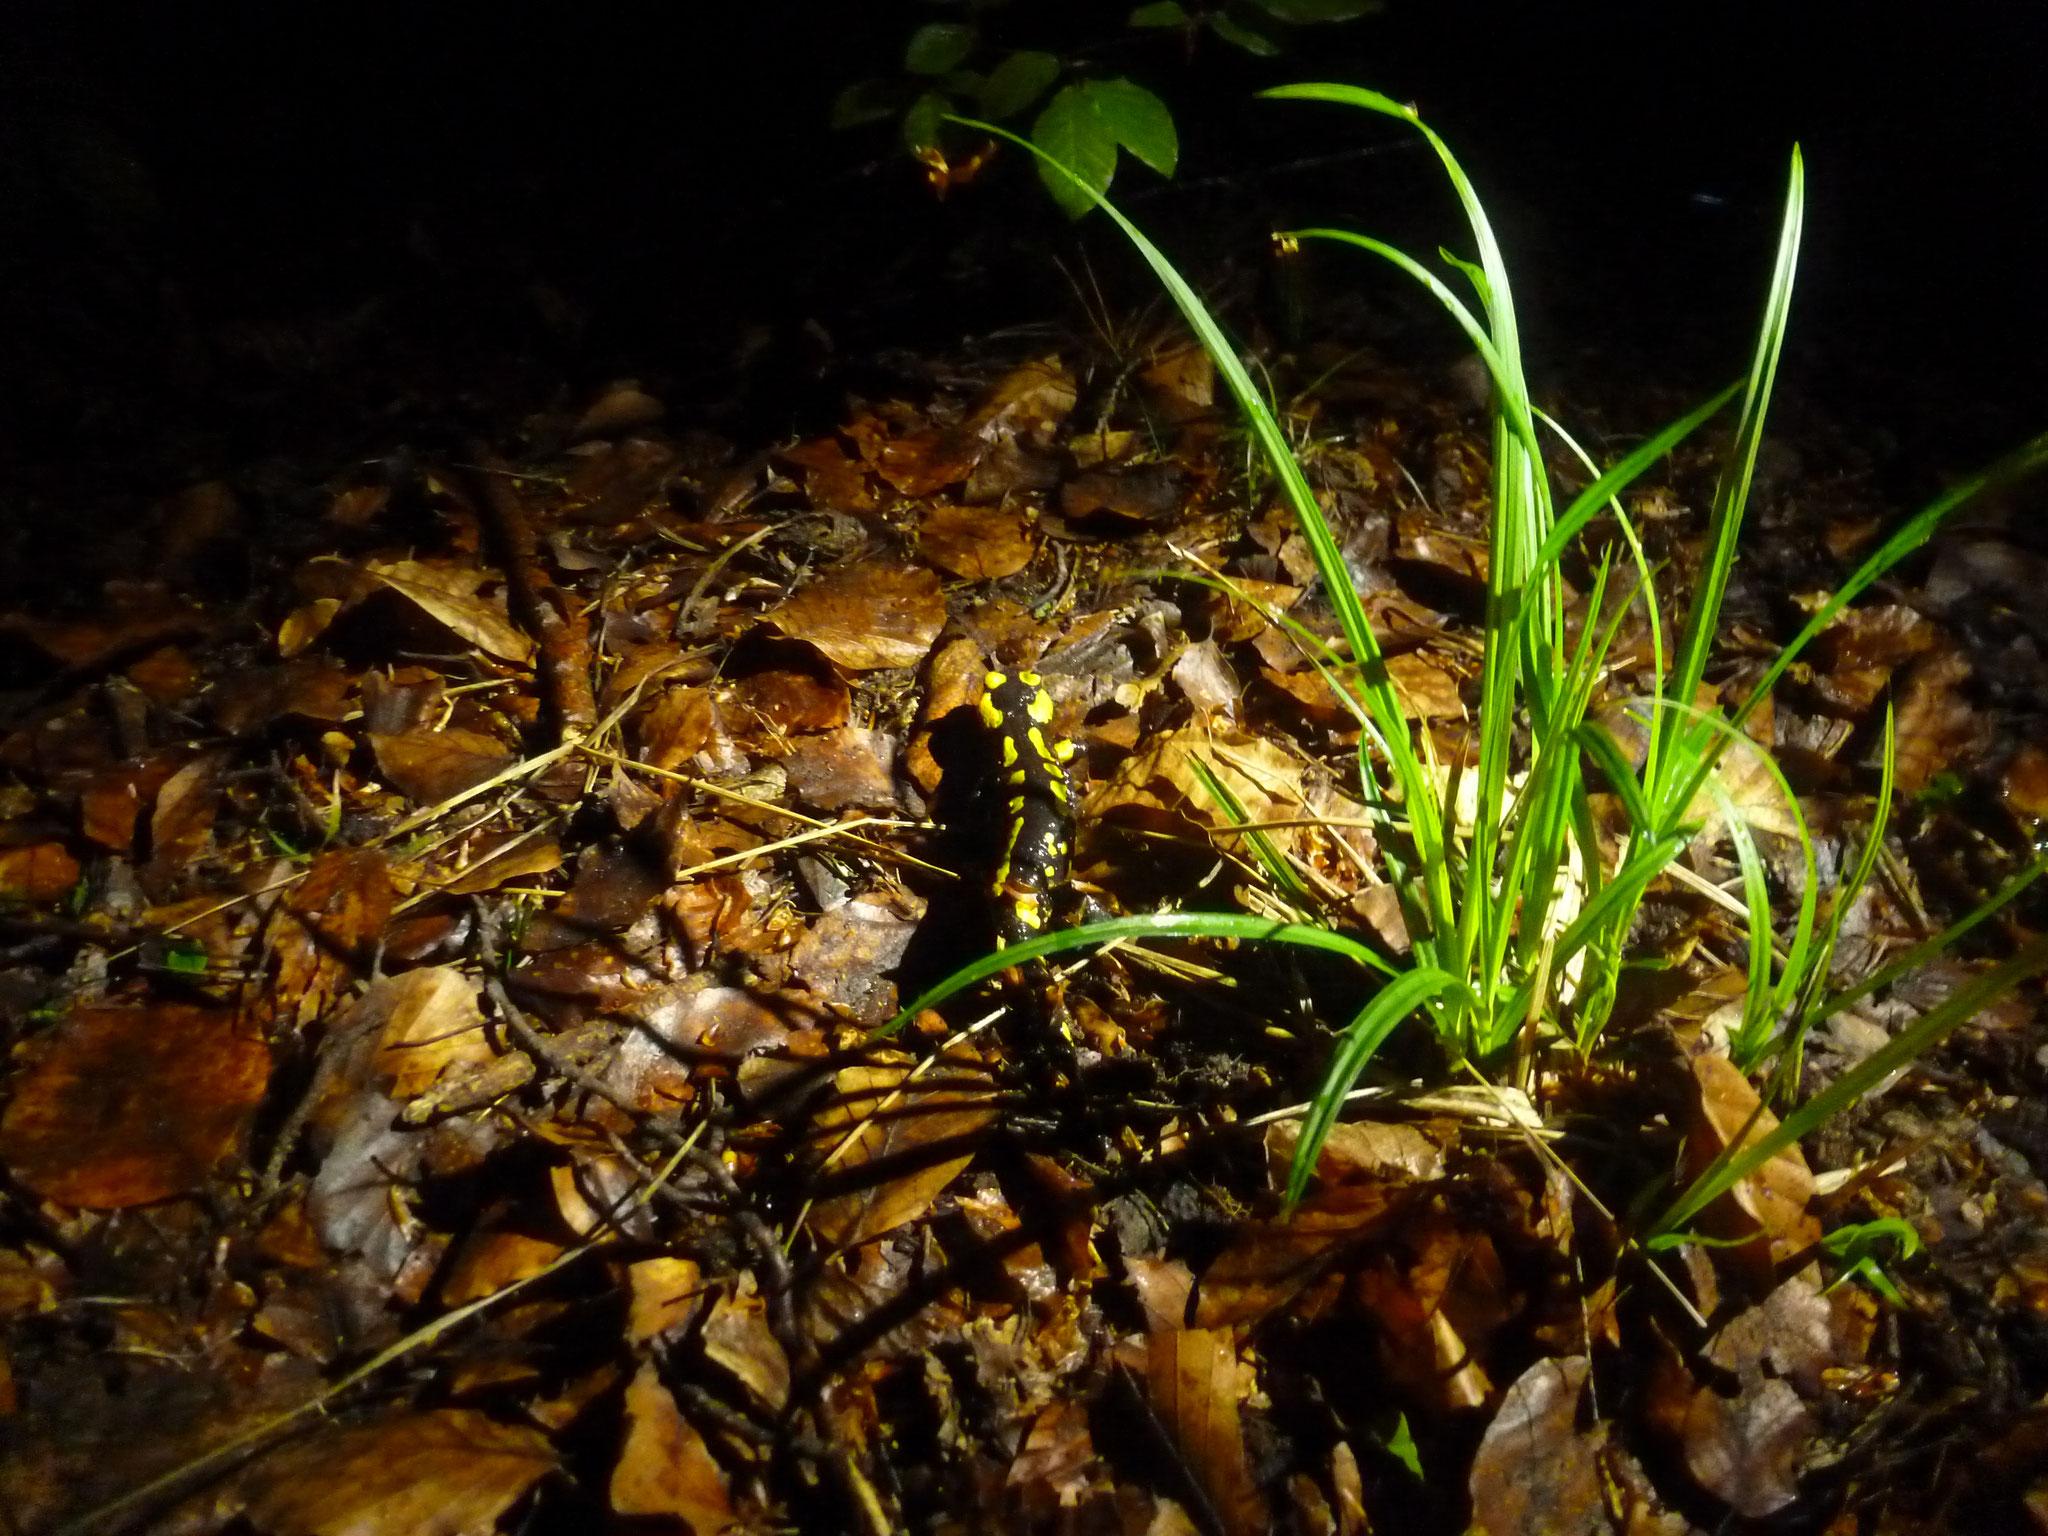 Ein adulter Feuersalamander im nächtlichen Lappwald. Foto: ÖNSA/M.Neßmann